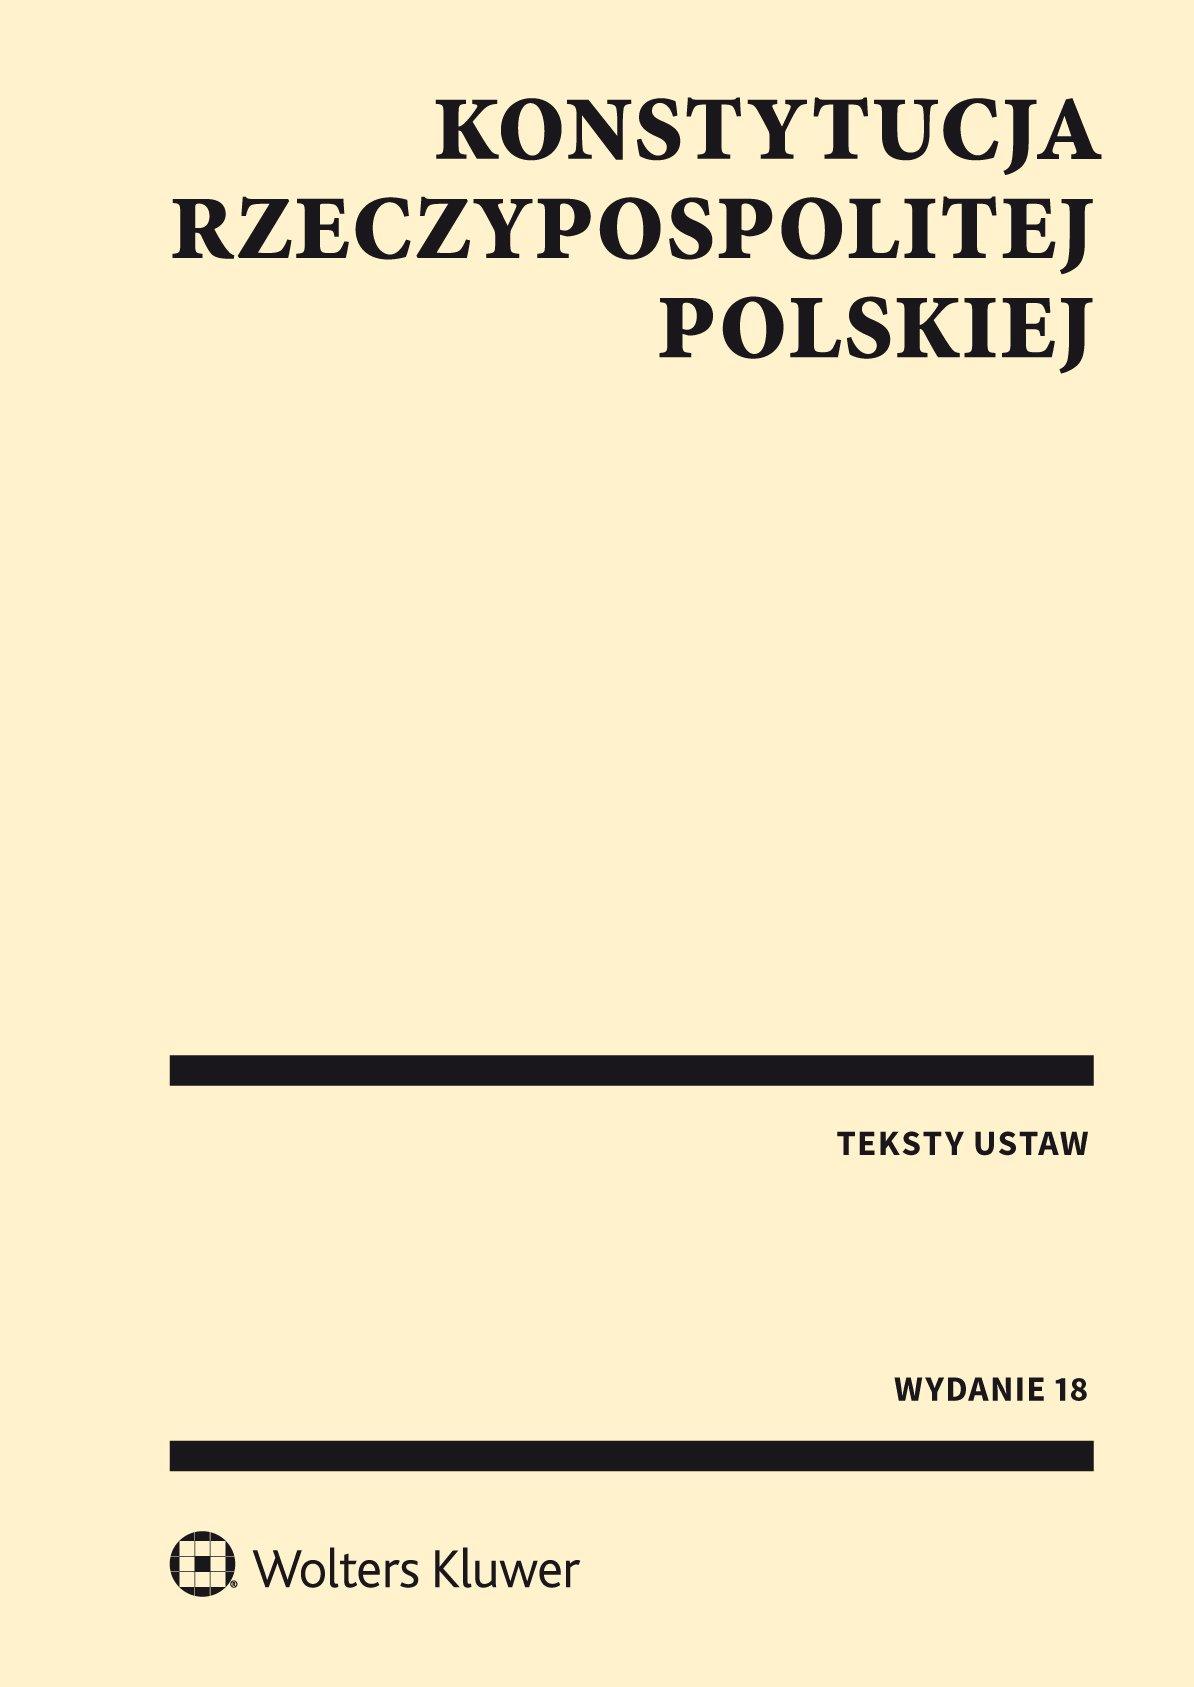 Konstytucja Rzeczypospolitej Polskiej. Przepisy - Ebook (Książka PDF) do pobrania w formacie PDF